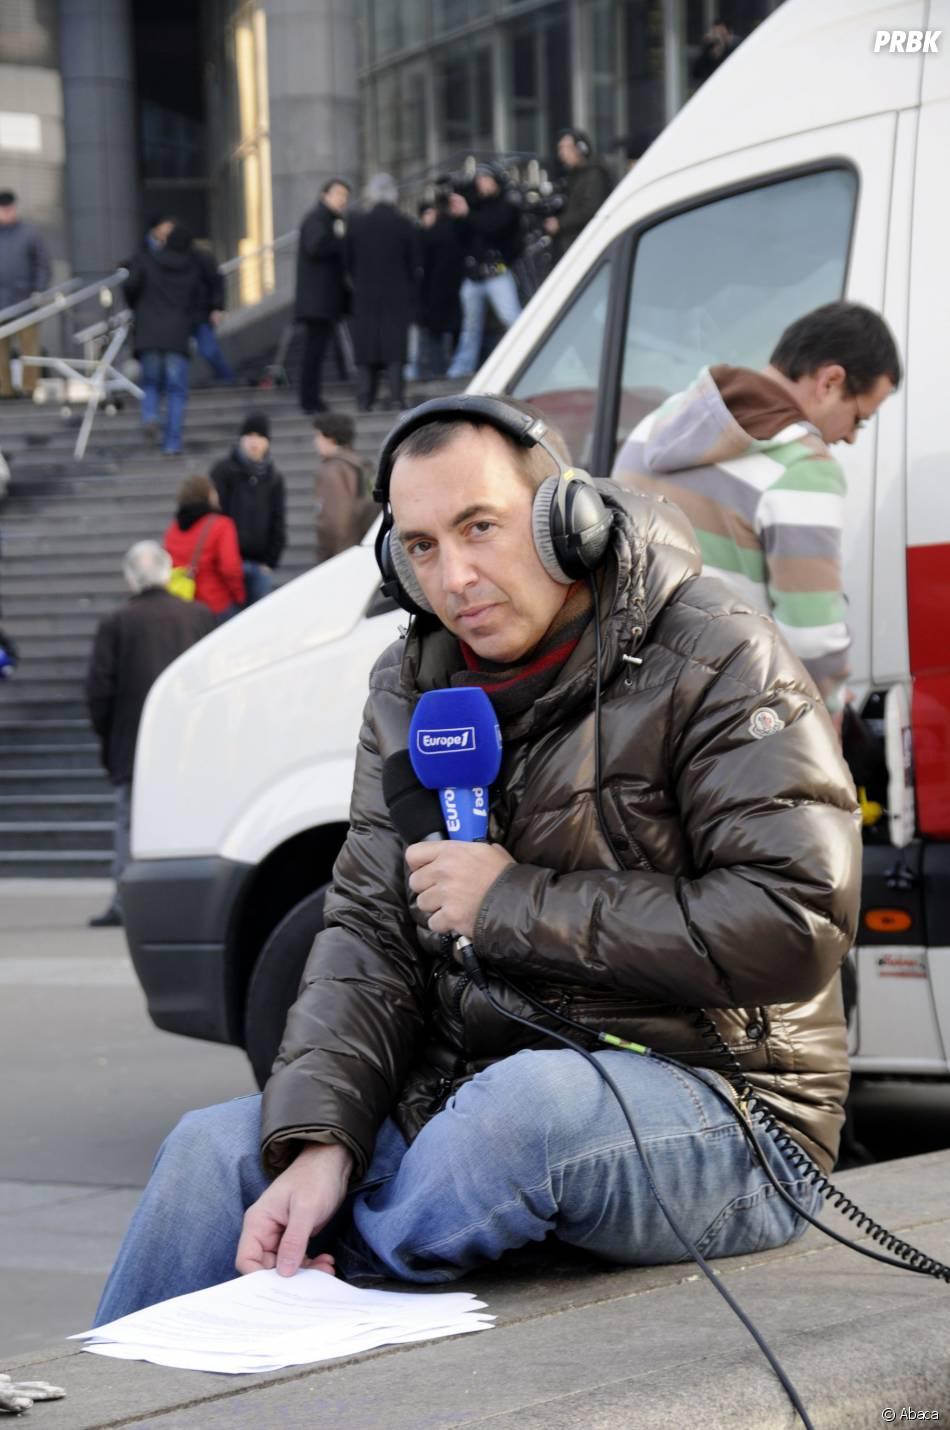 Jean-Marc Morandini pendant des manifestations anti-crise, le 29 janvier 2009 à Paris